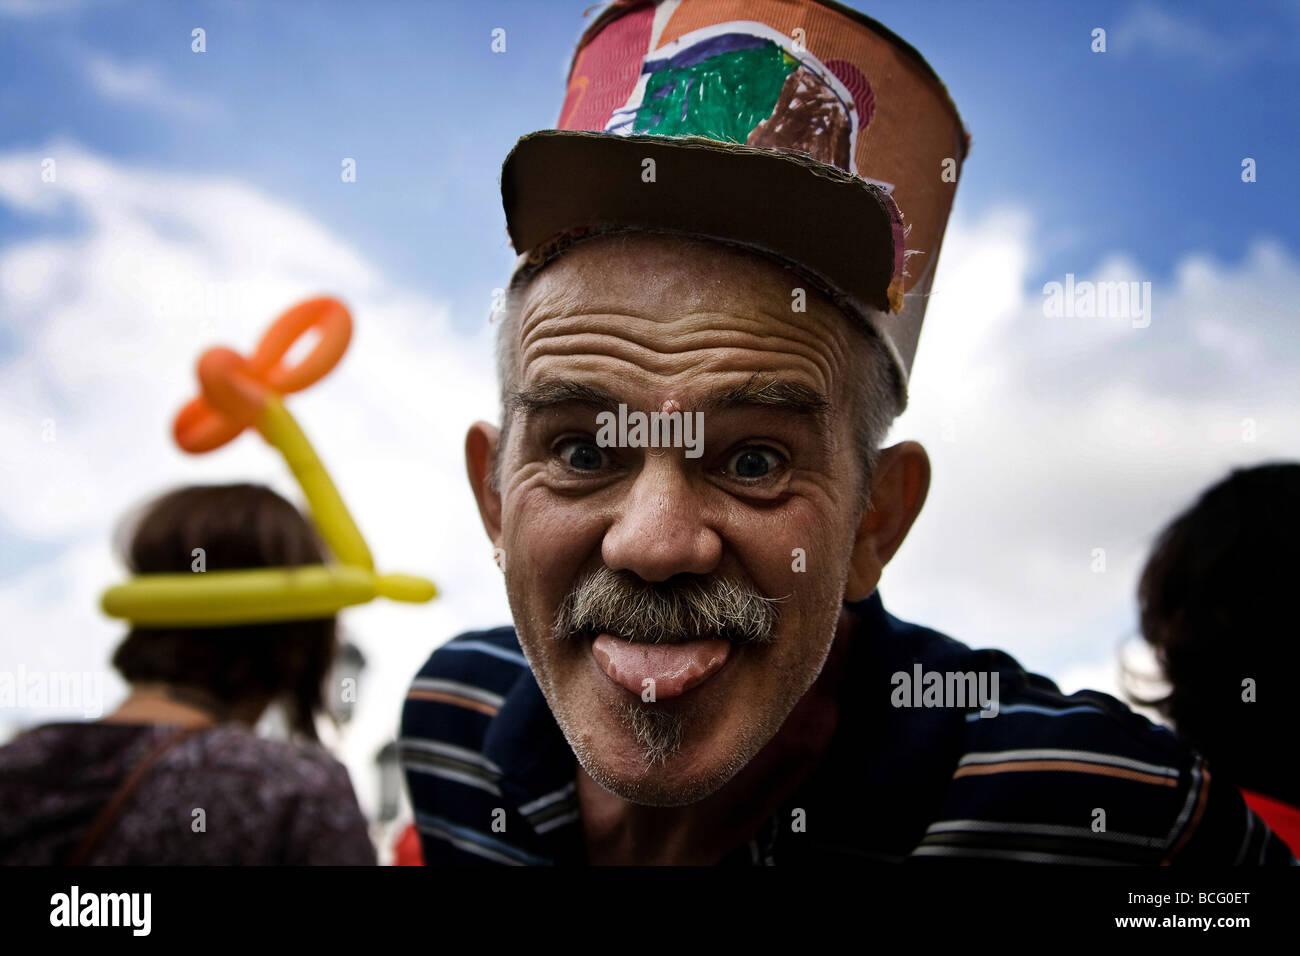 Un hombre sonriente con su lengua fuera Imagen De Stock